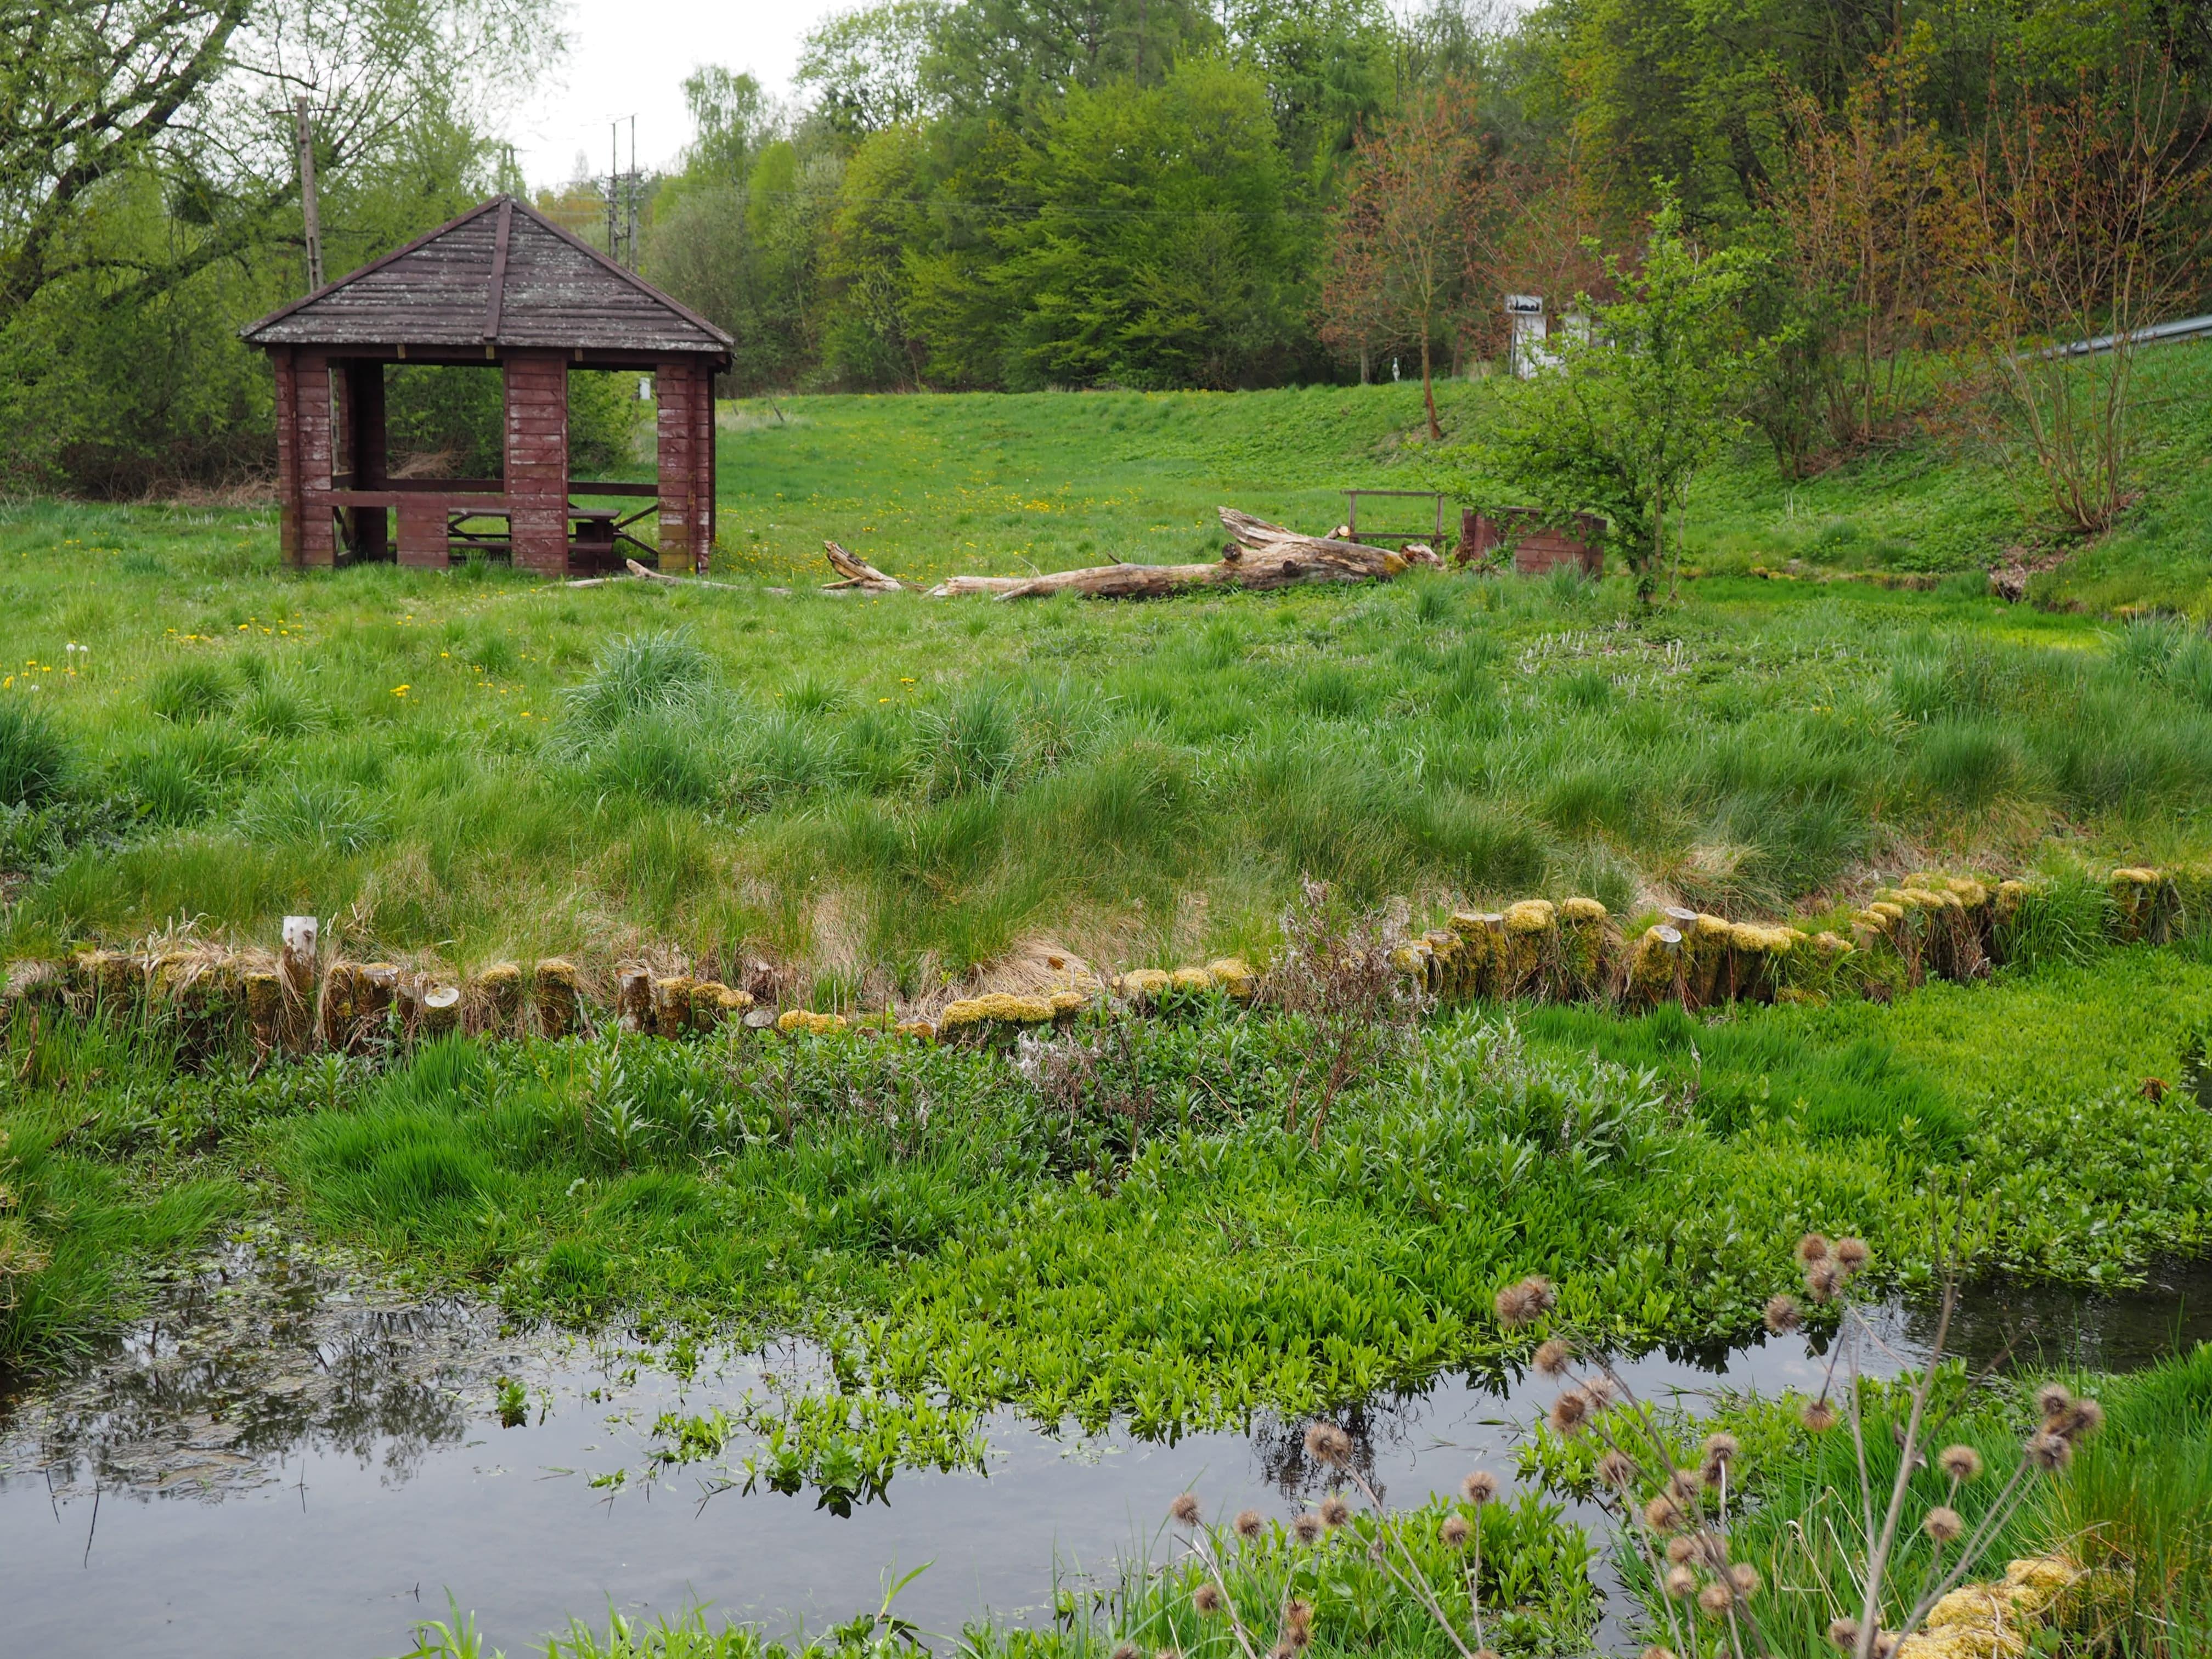 Uroki Lubelskiego – Skierbieszowski Park Krajobrazowy